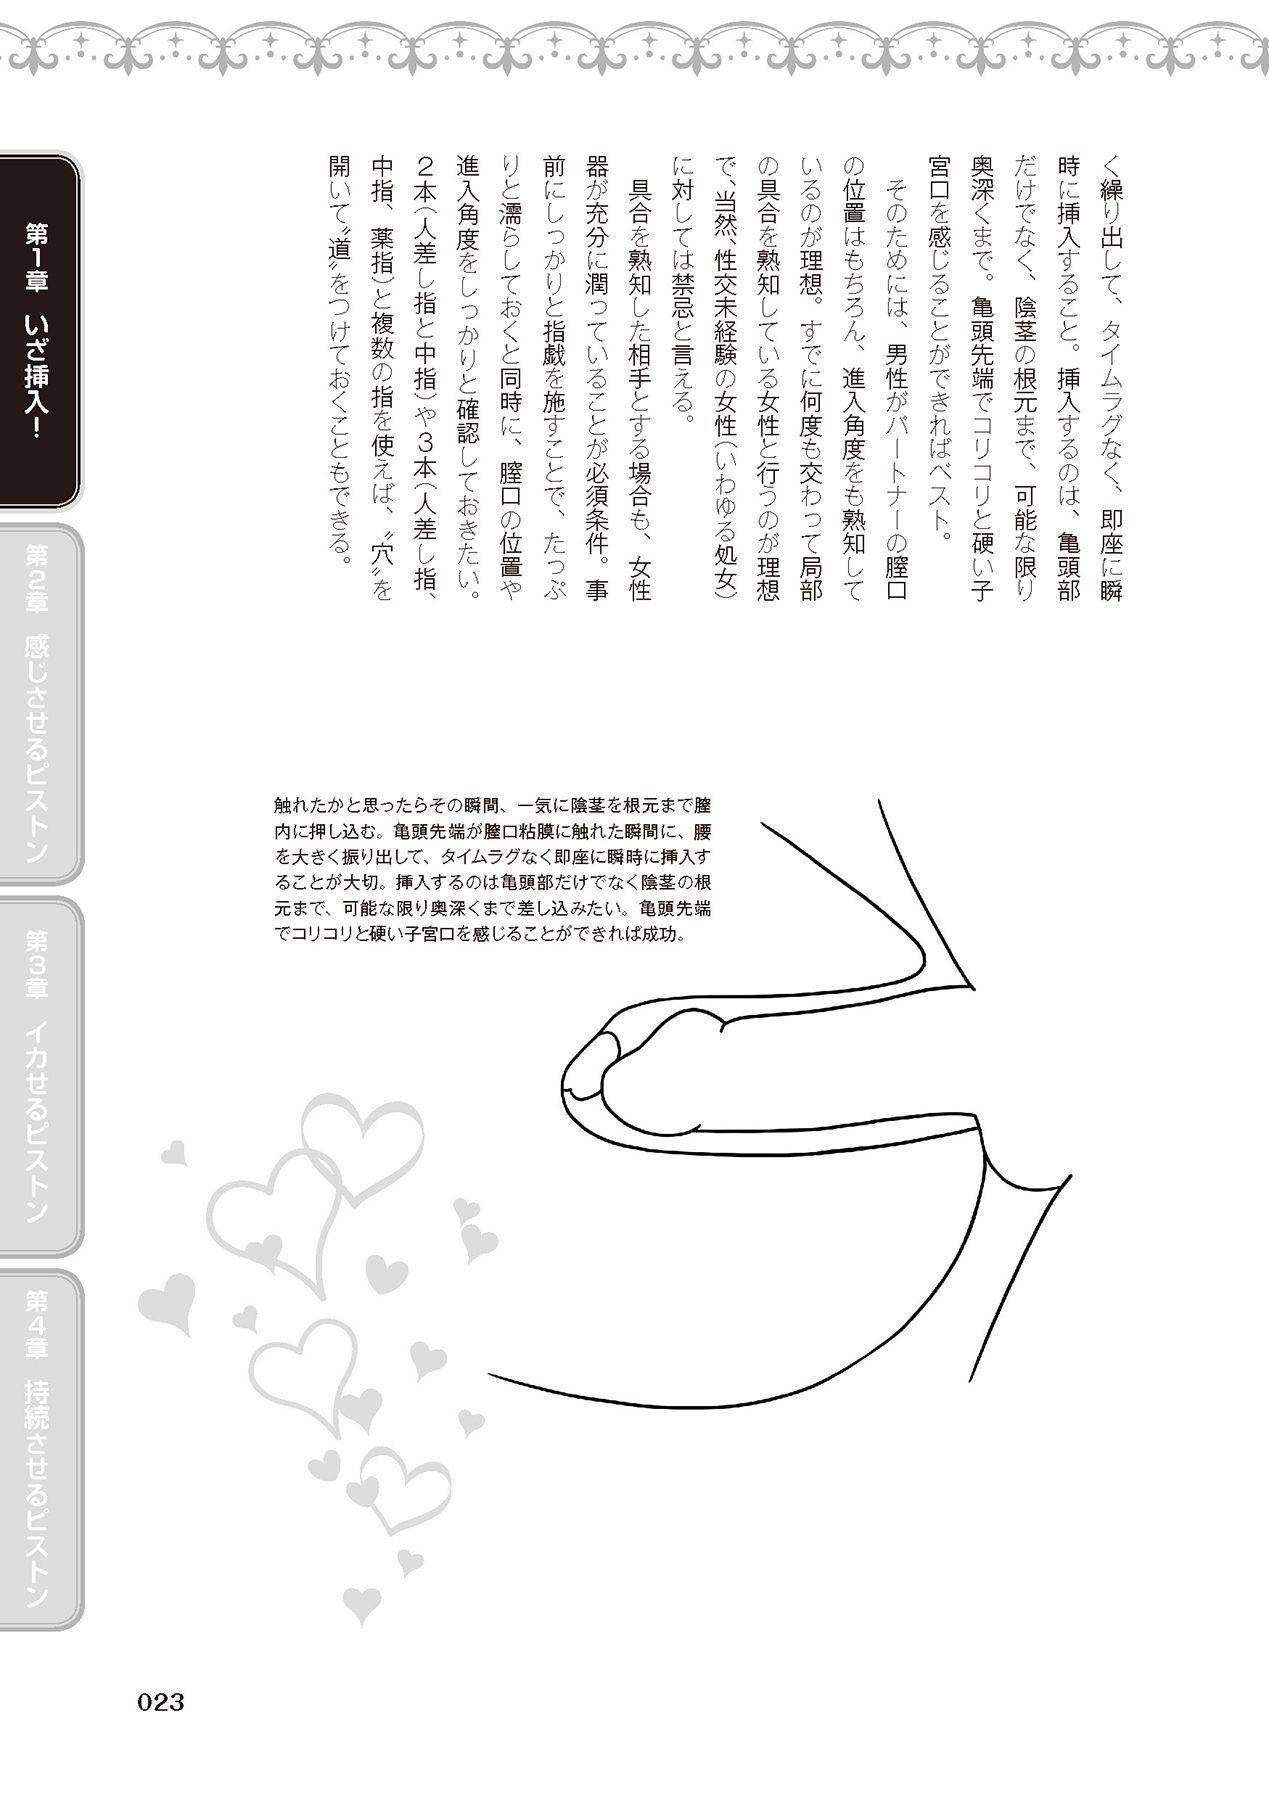 膣挿入&ピストン運動完全マニュアル イラスト版……ピスとんッ! 24